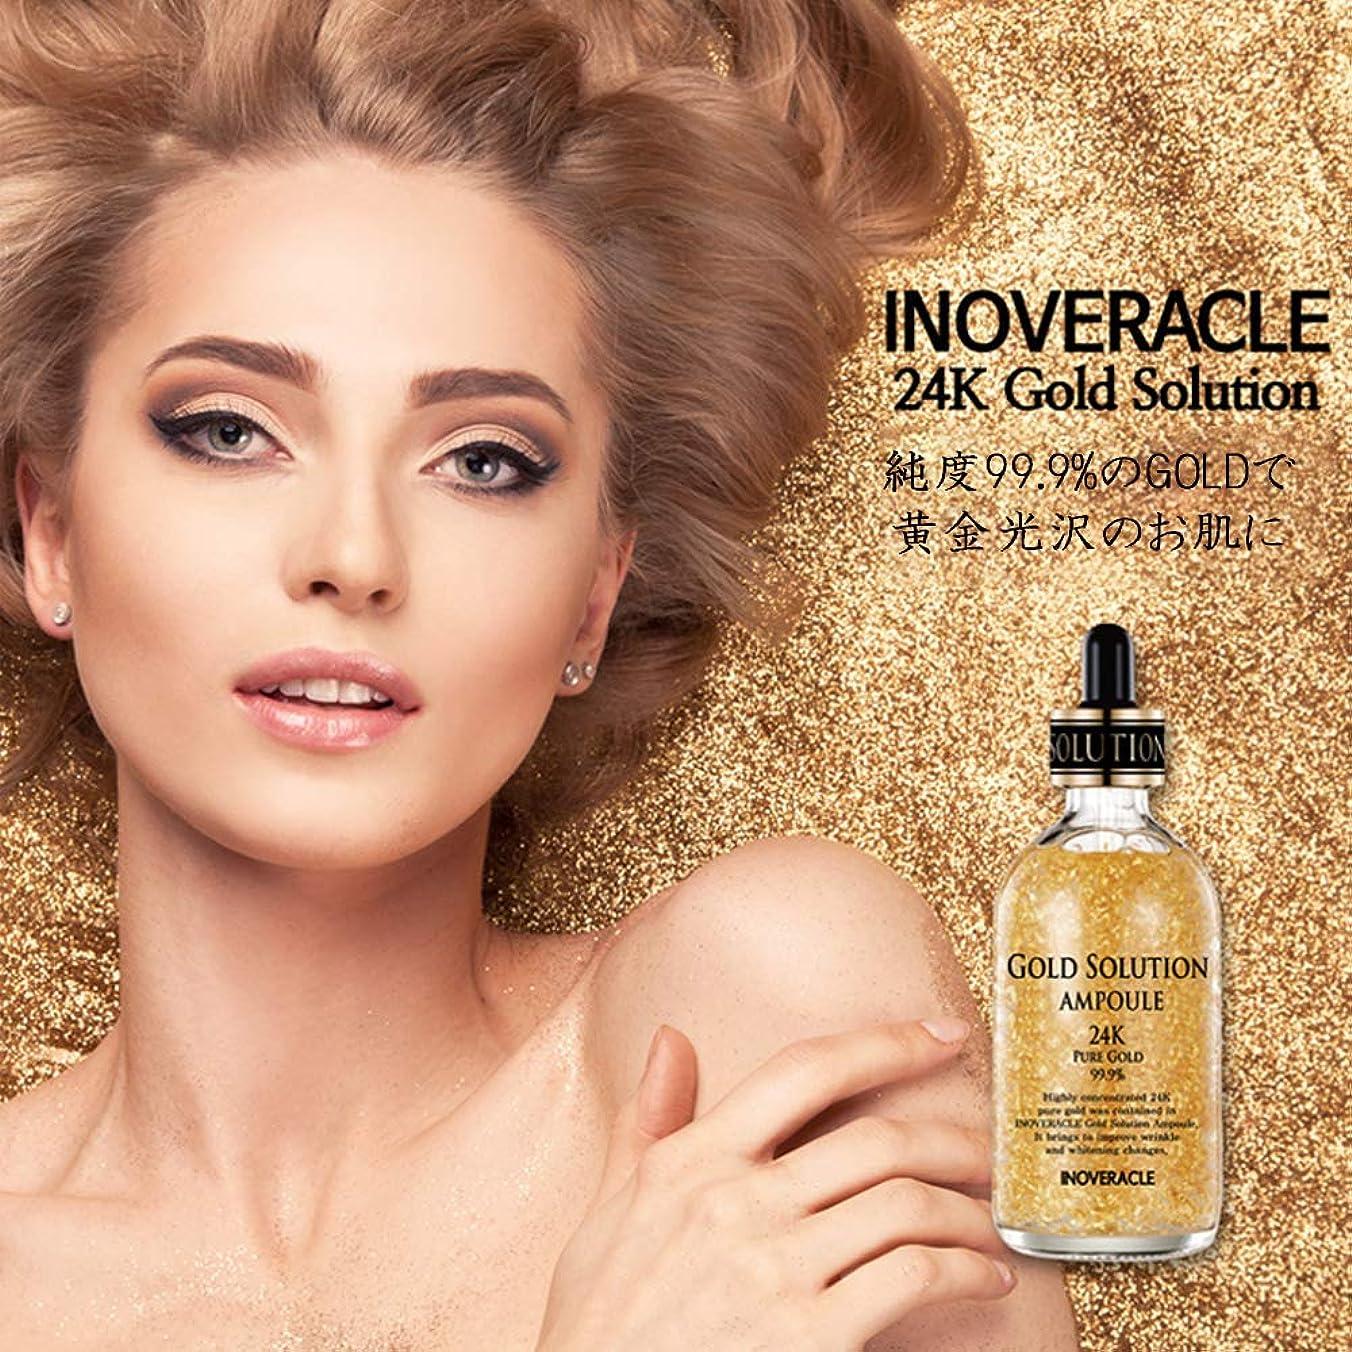 膨張するドリンク和INOVERACLE GOLD SOLUTION AMPOULE 24K 99.9% 純金 アンプル 100ml 美容液 スキンケア 韓国化粧品 光沢お肌 美白美容液